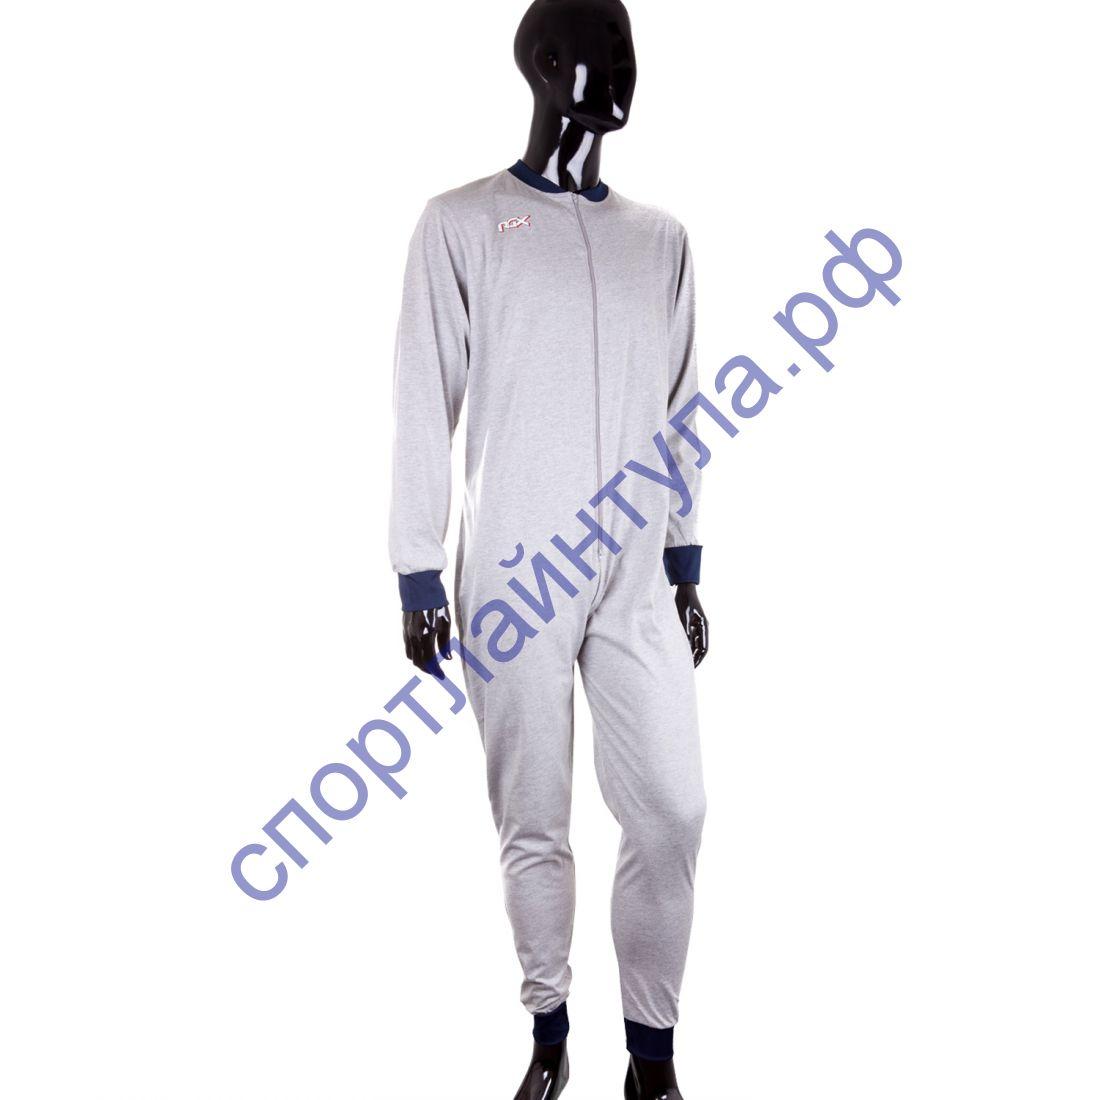 Белье хоккейное HS-05 grey